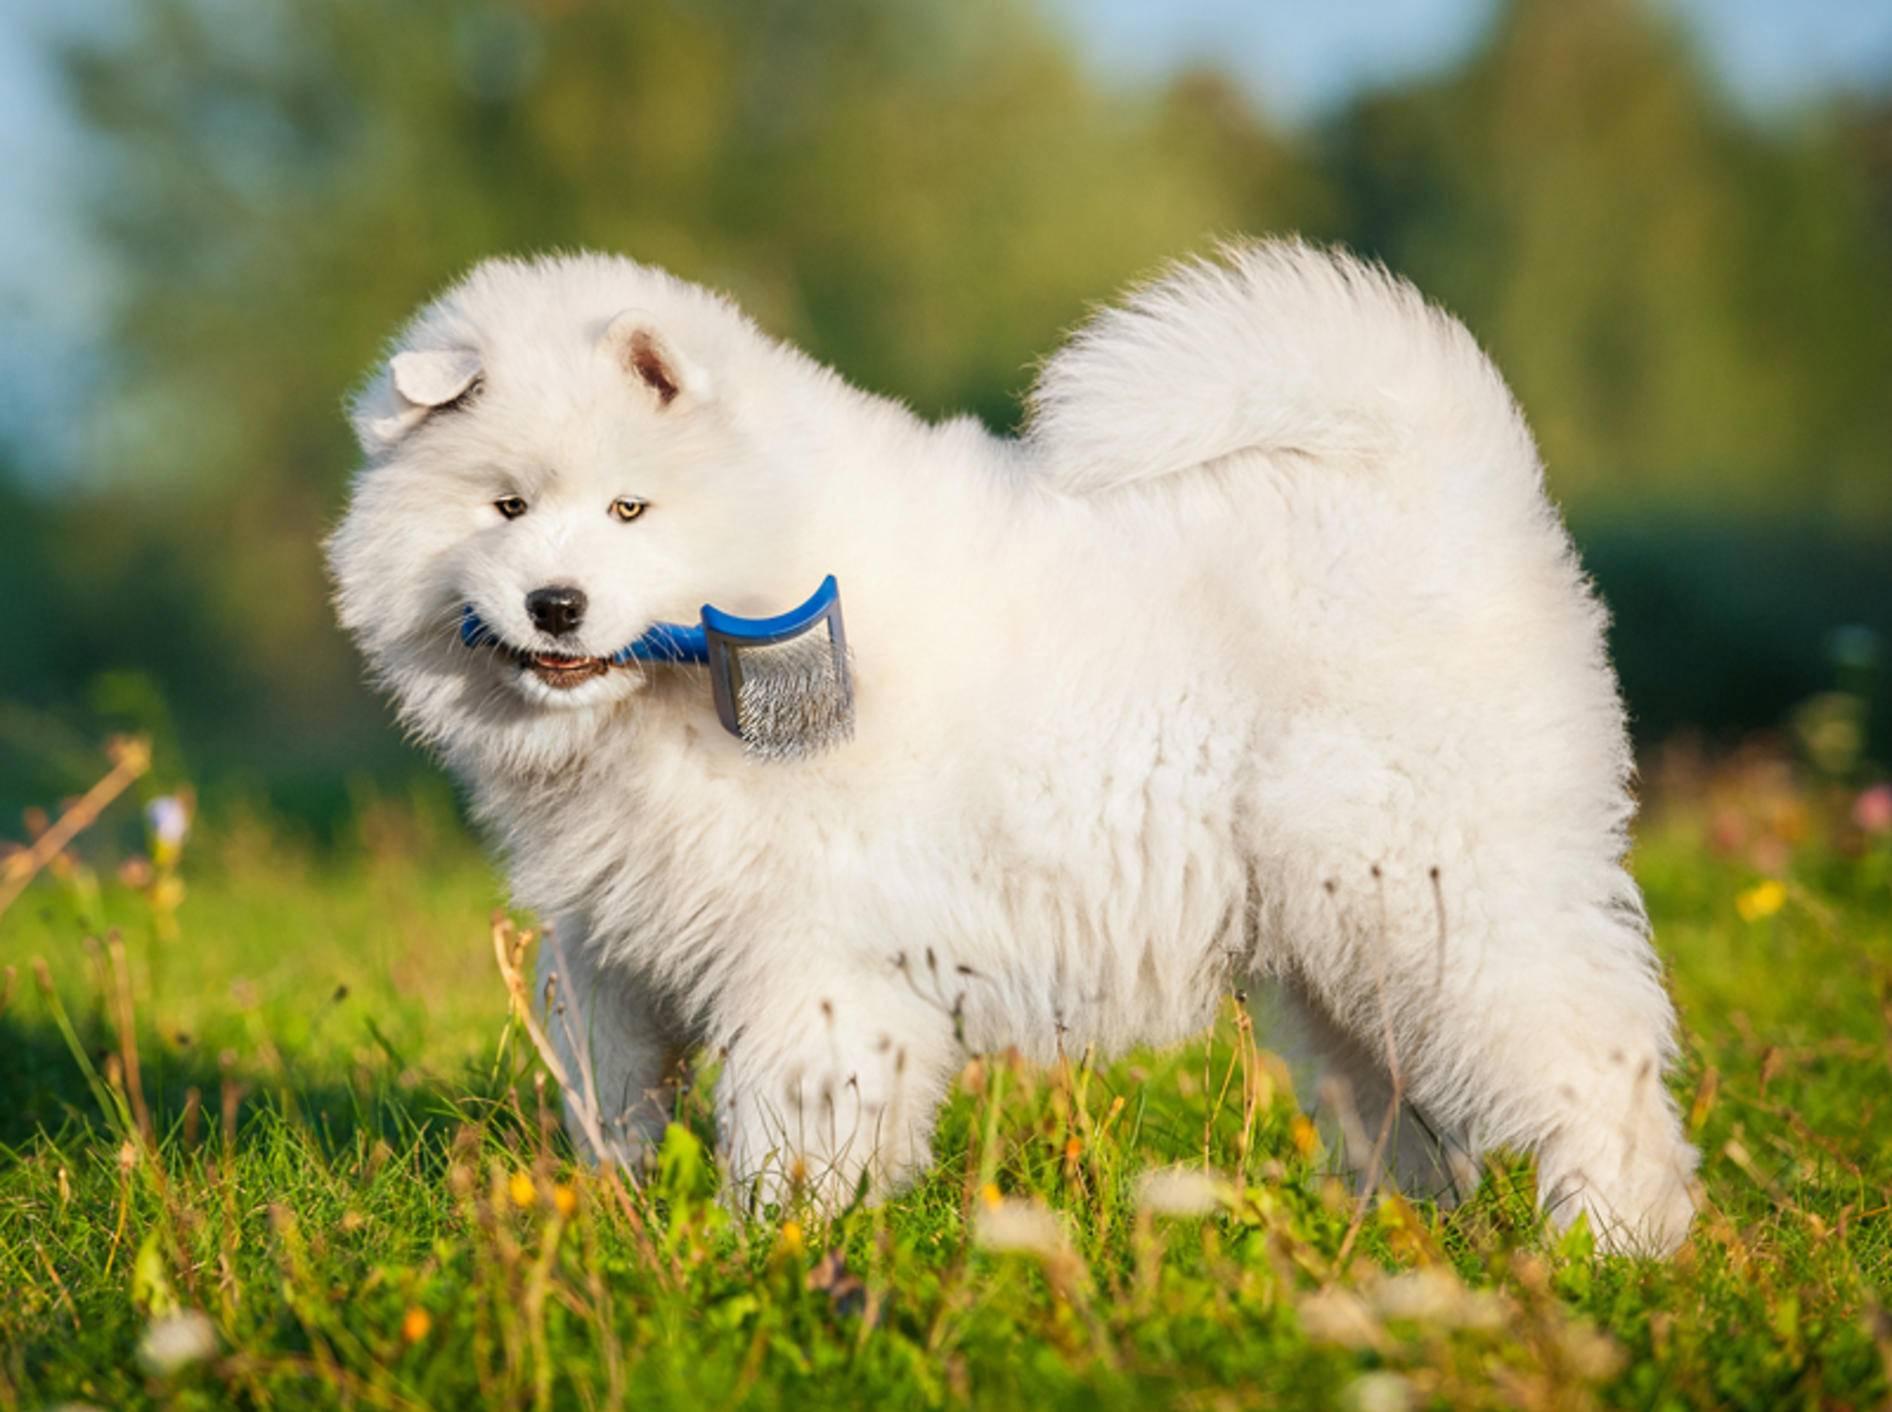 """""""Wer möchte mein schönes langes Fell bürsten?"""", scheint dieser süße Samojede wissen zu wollen – Shutterstock / Grigorita Ko"""